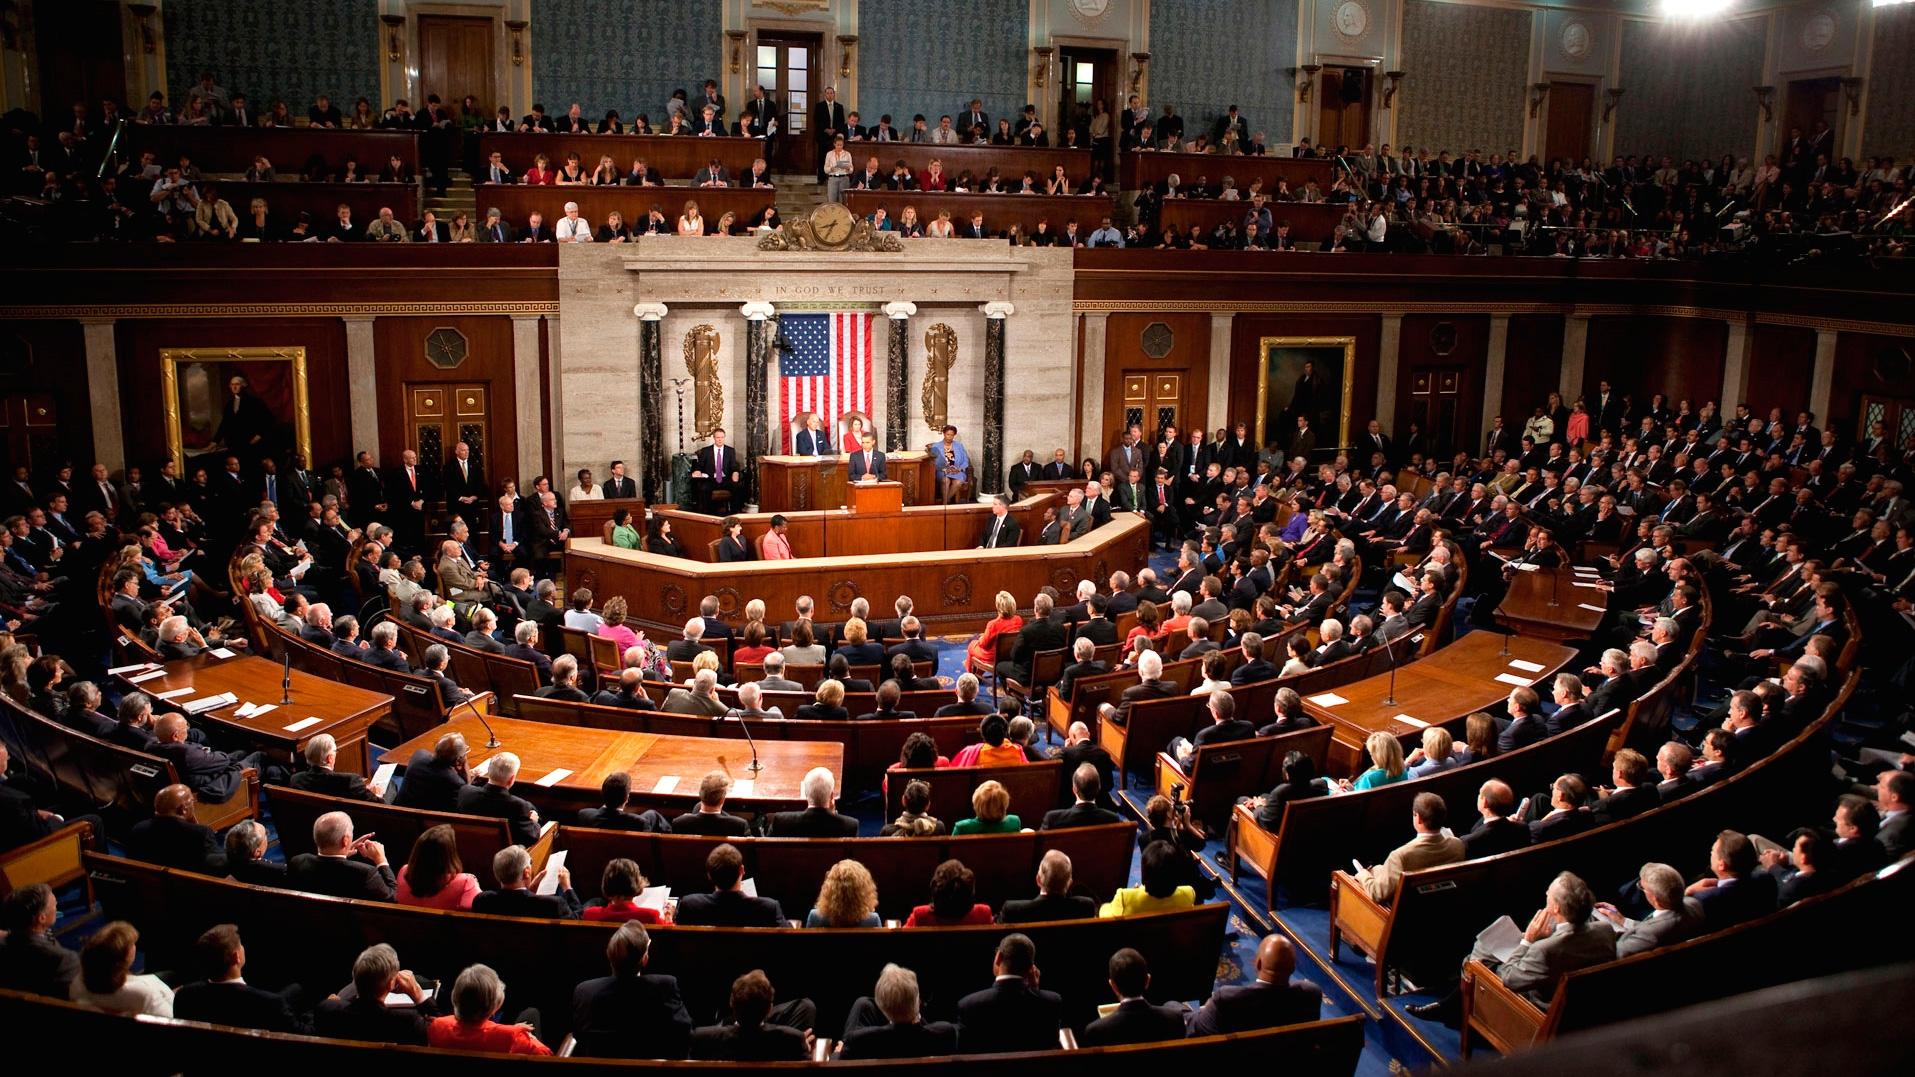 Конгресс США опубликовал законопроект по новым санкциям | Клуб экспертов зернового рынка